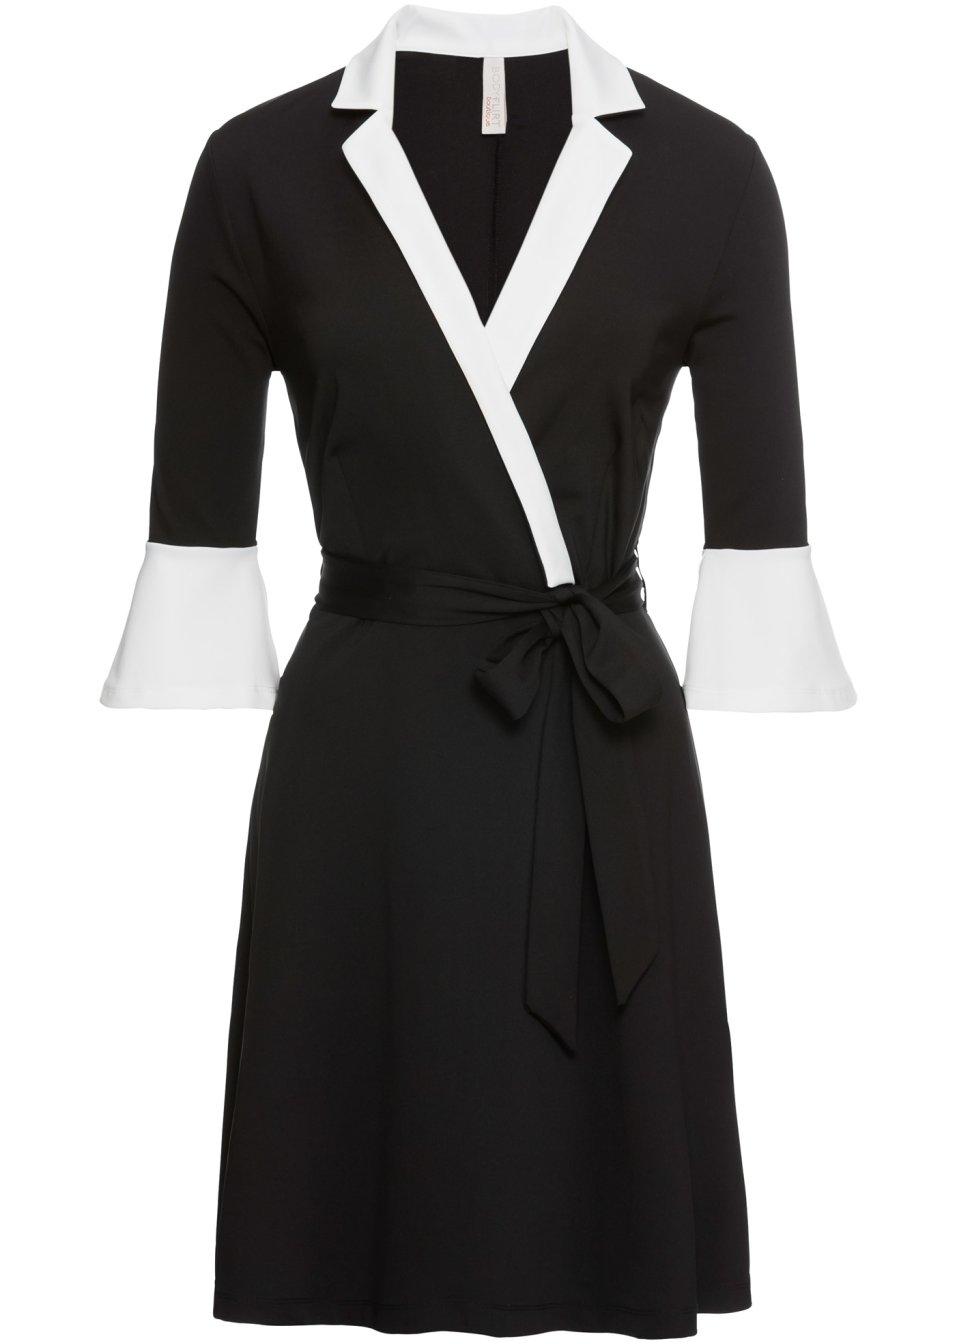 Kleid mit Kragen und Volant-Ärmel schwarz/weiß - BODYFLIRT ...